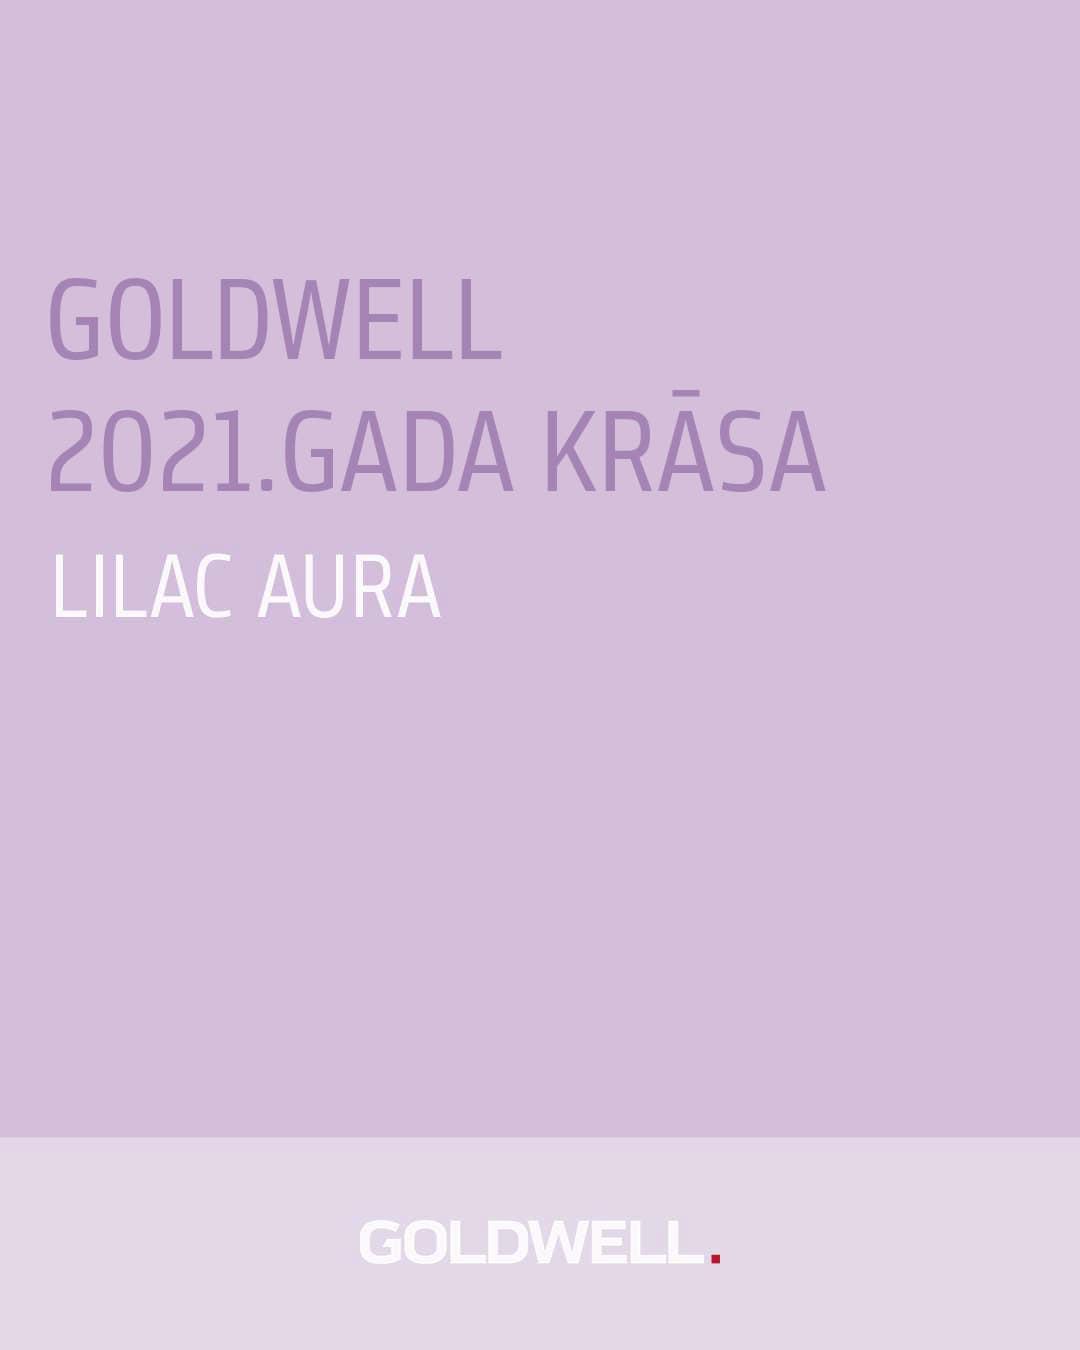 2021. GADA KRĀSA: LILAC AURA